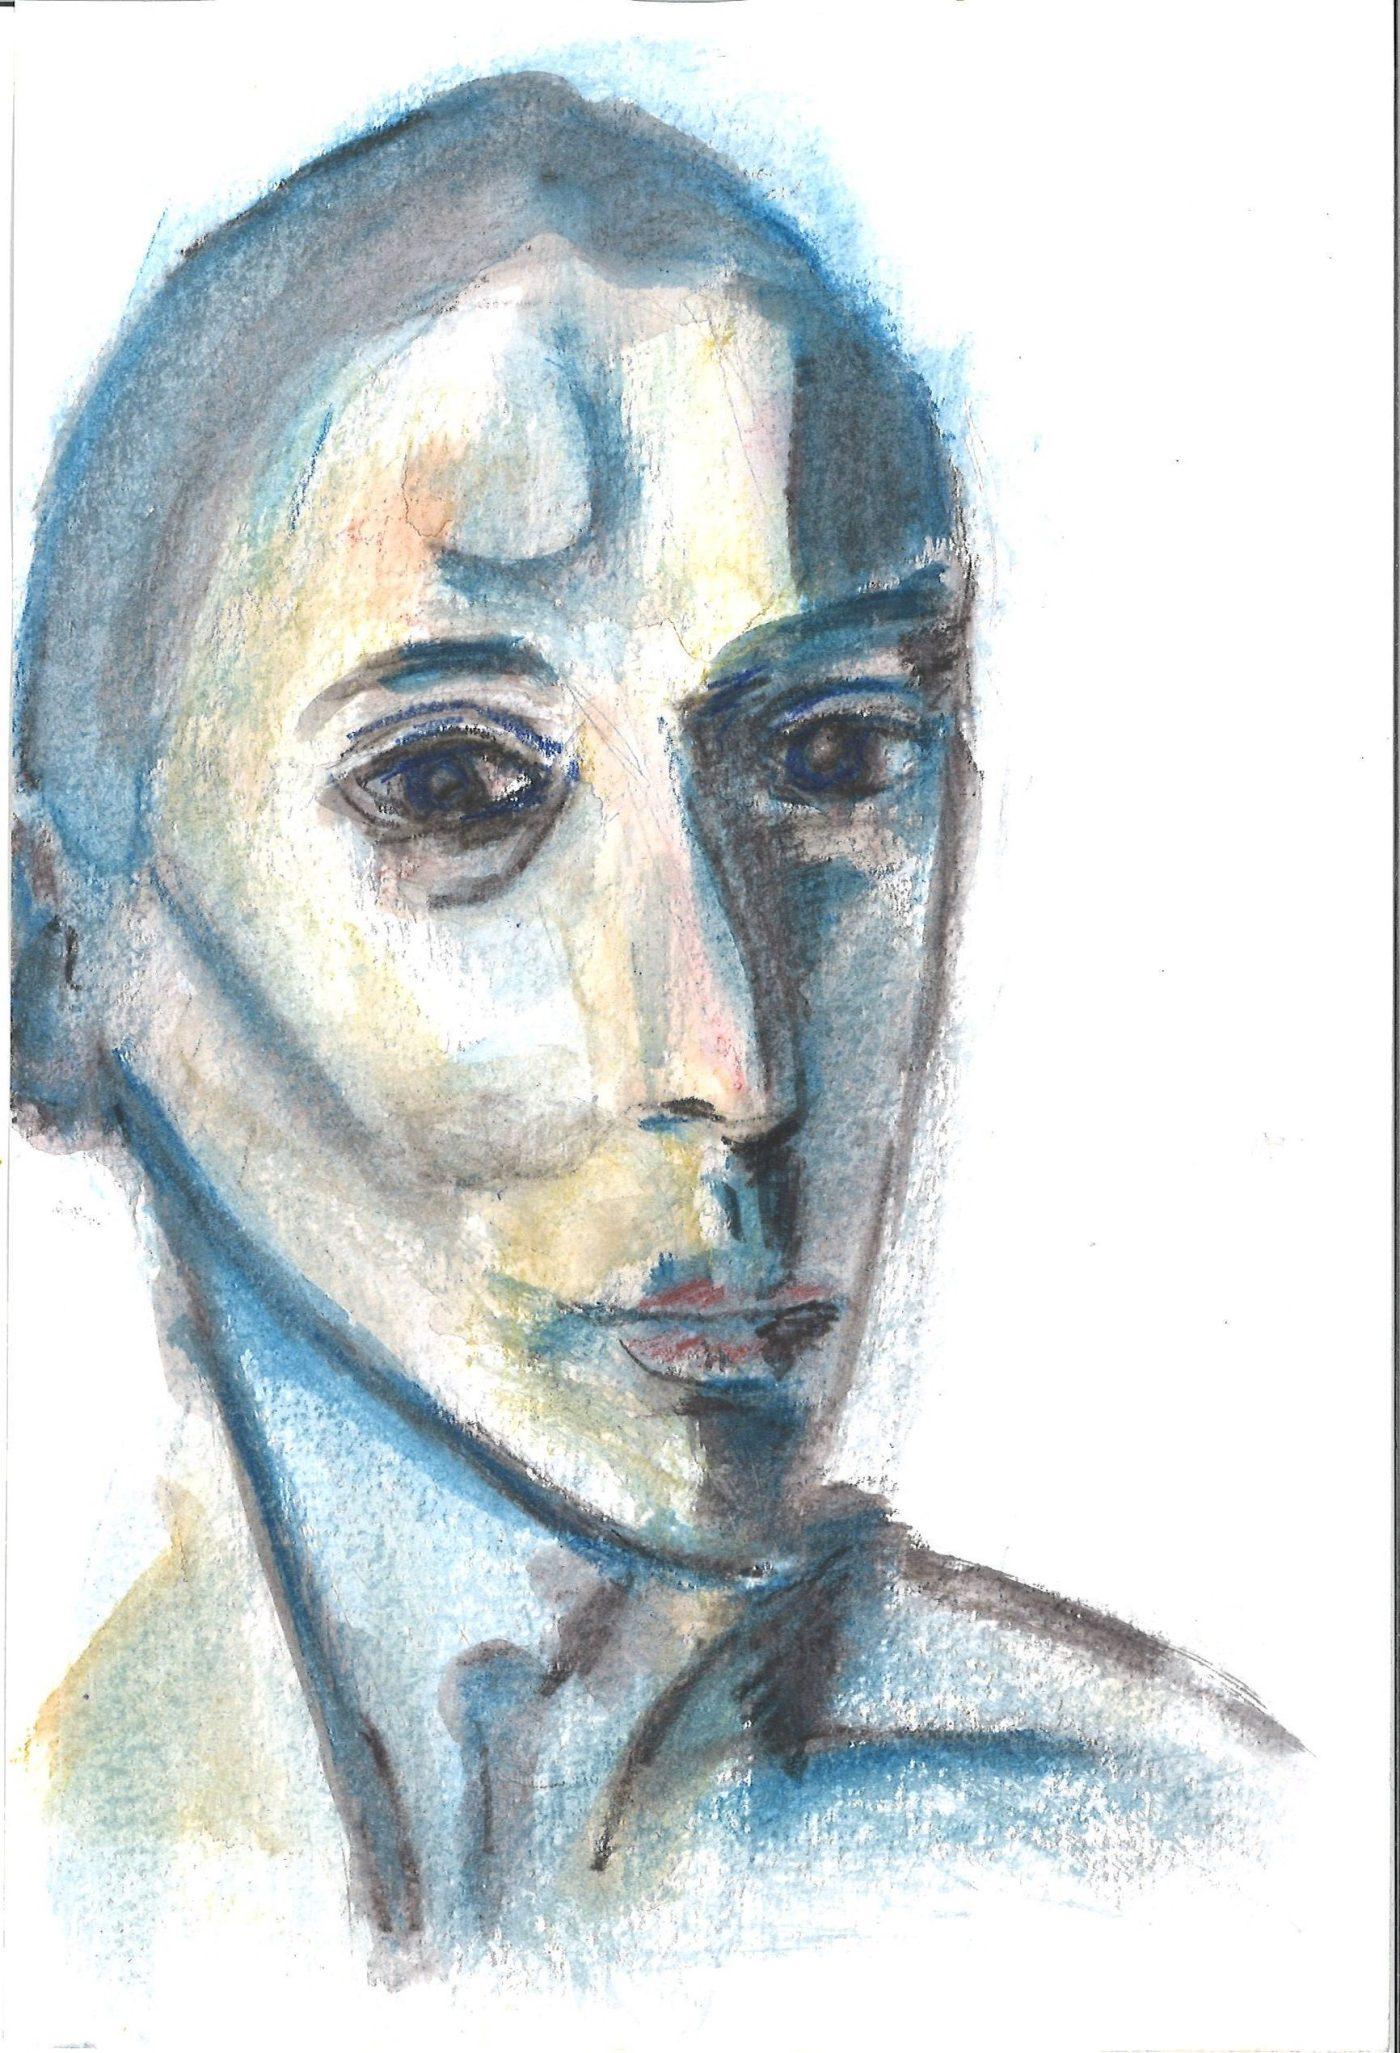 Portrait of Tasha, colored pencils, William Eaton, 2019